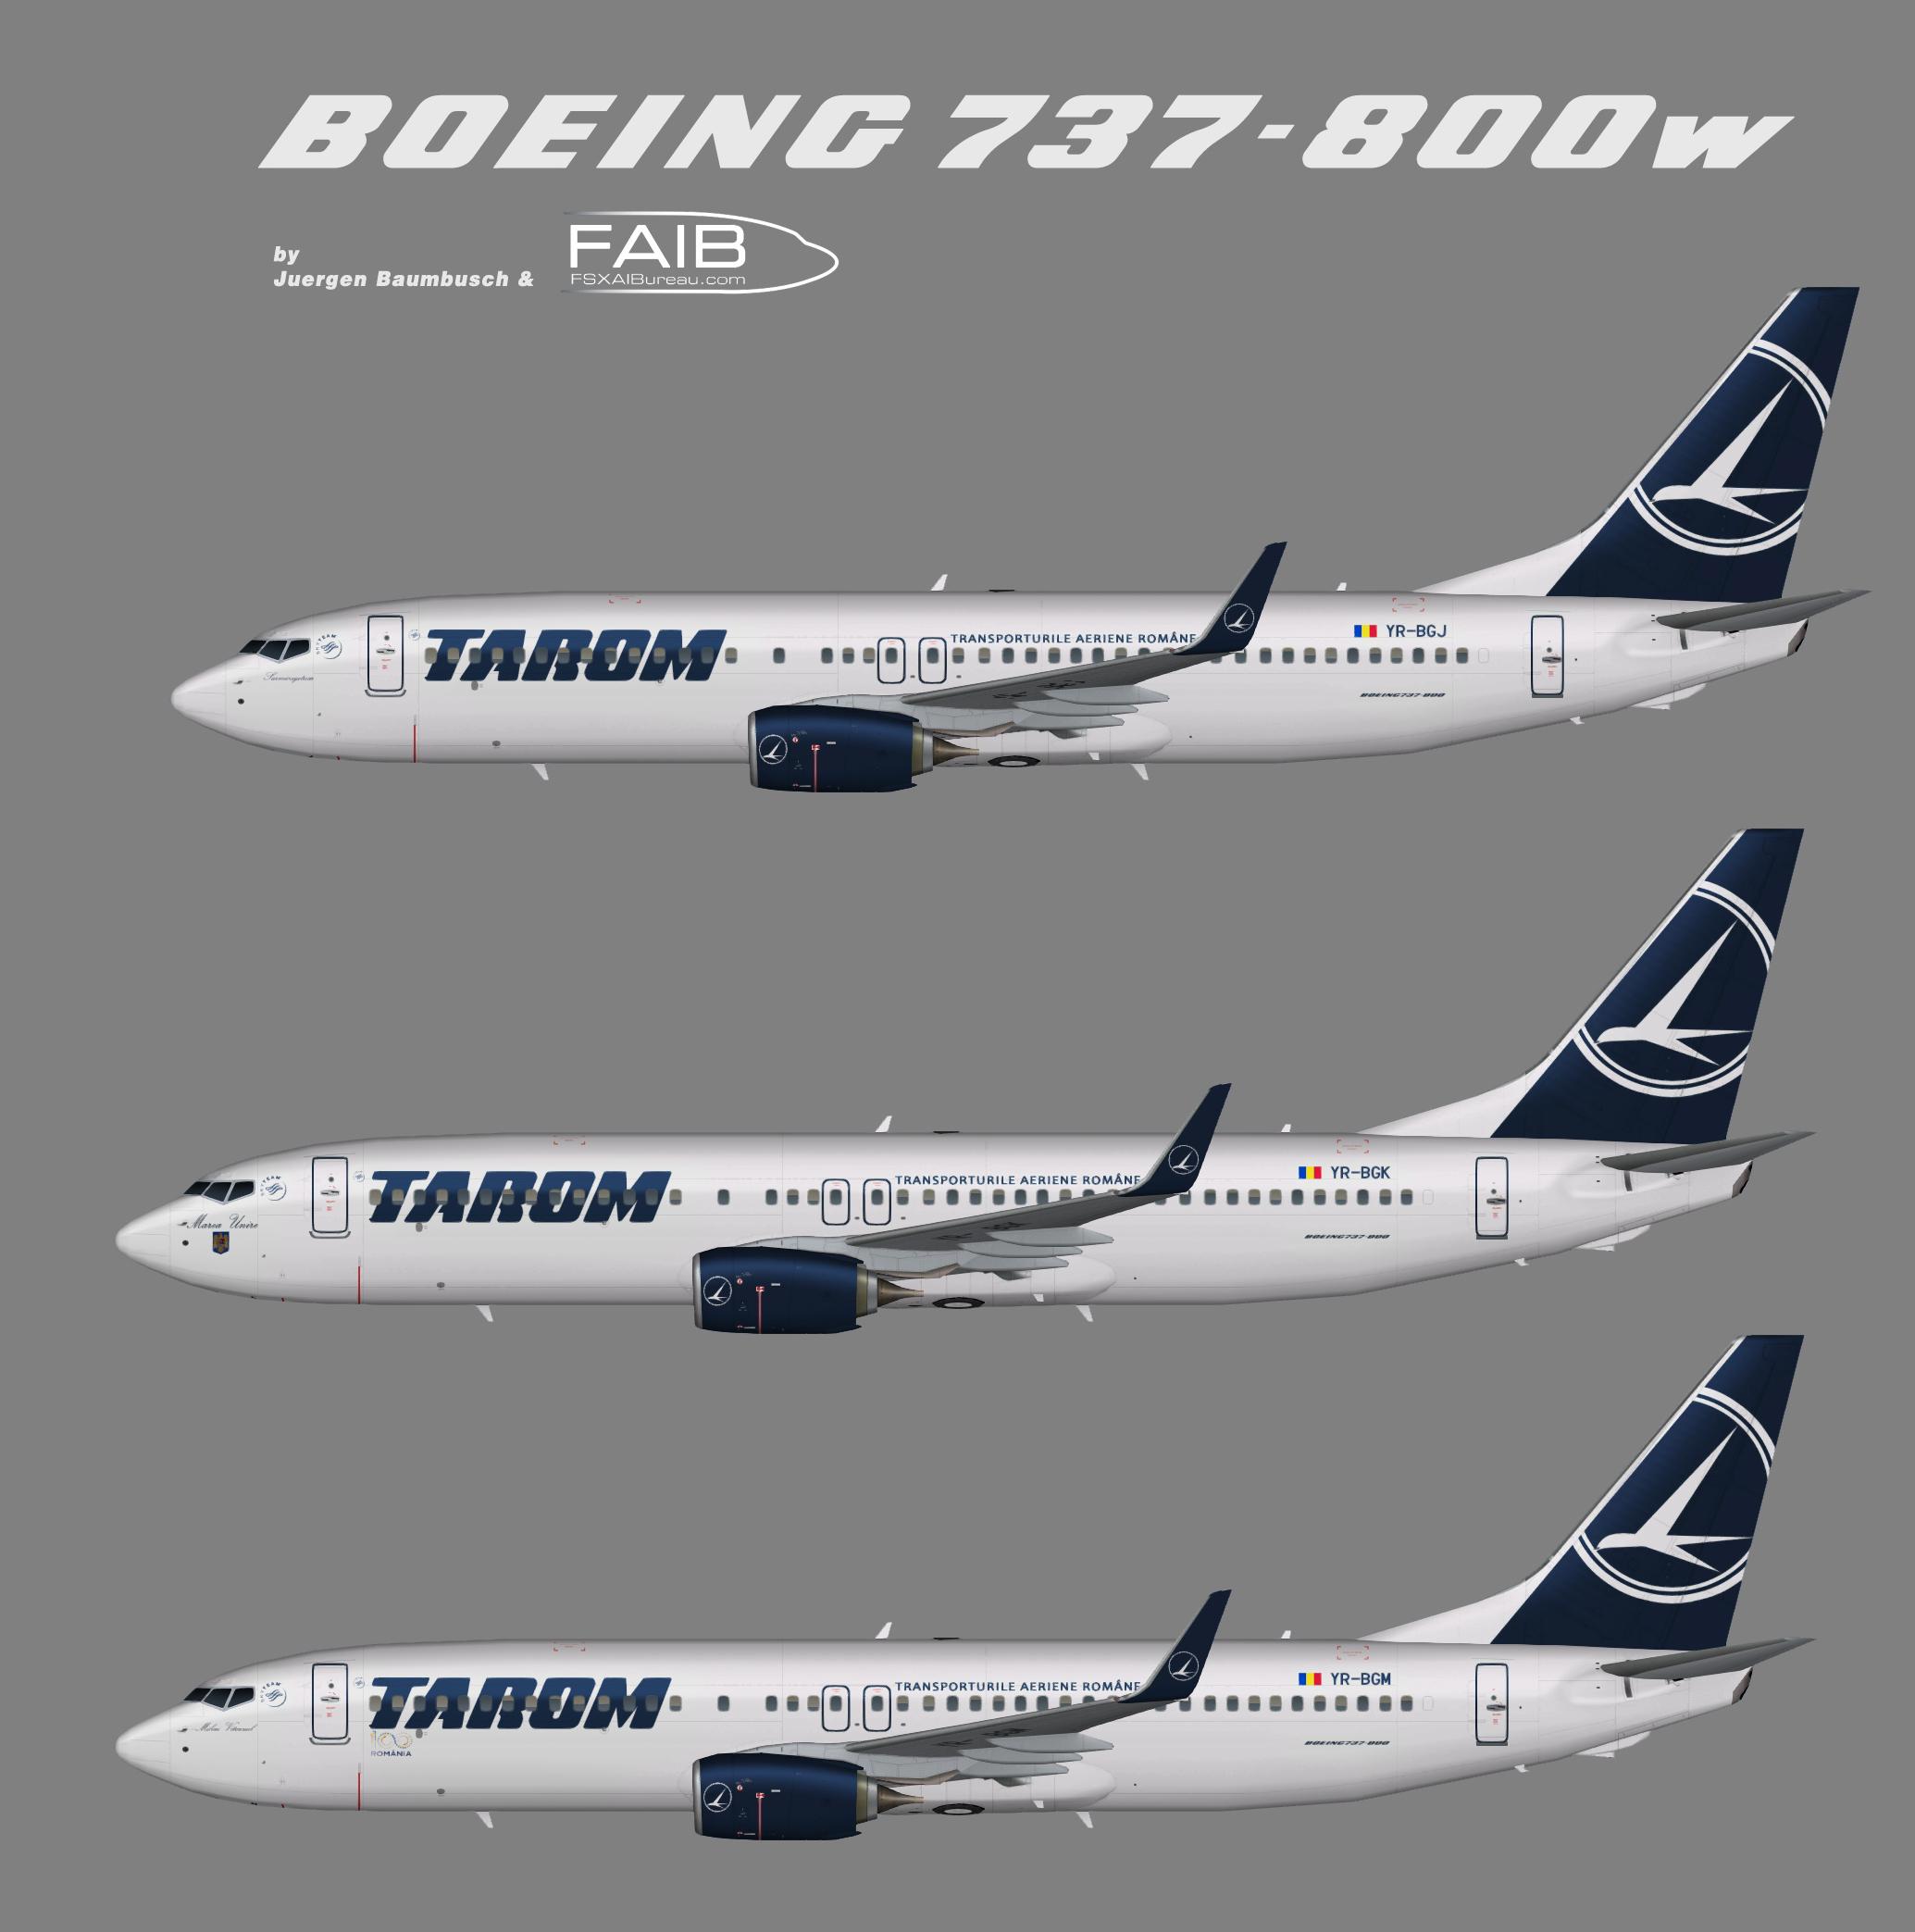 TAROM Boeing 737-800w